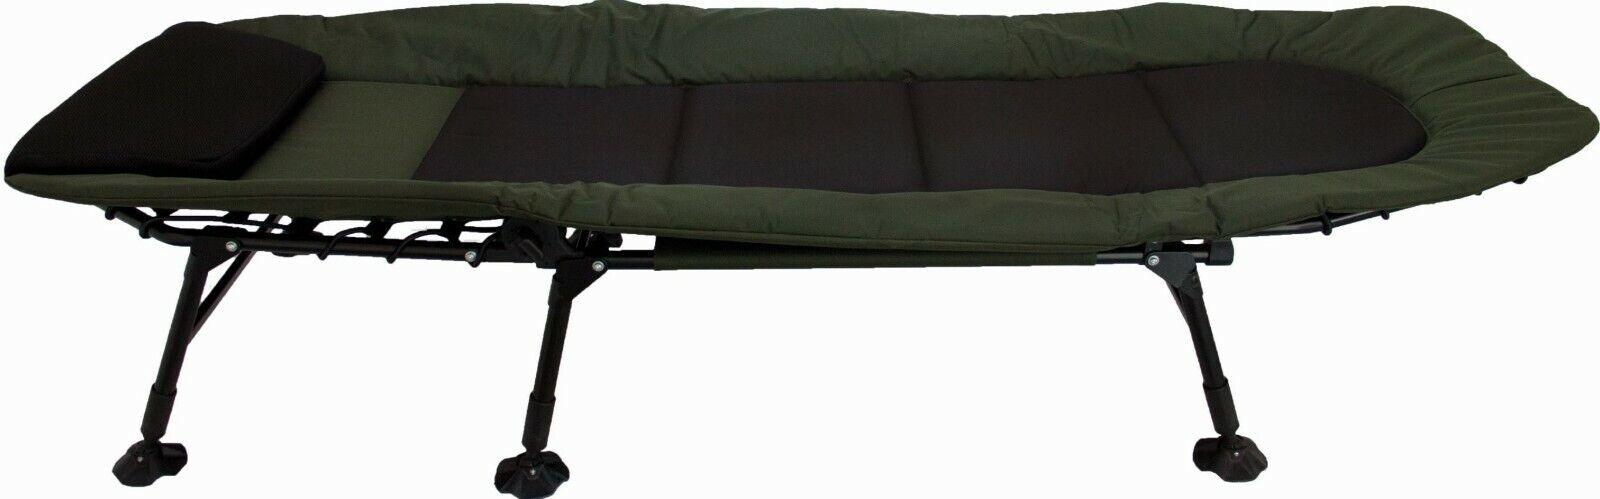 GE10006  Angelliege  Bedchair  - Grün